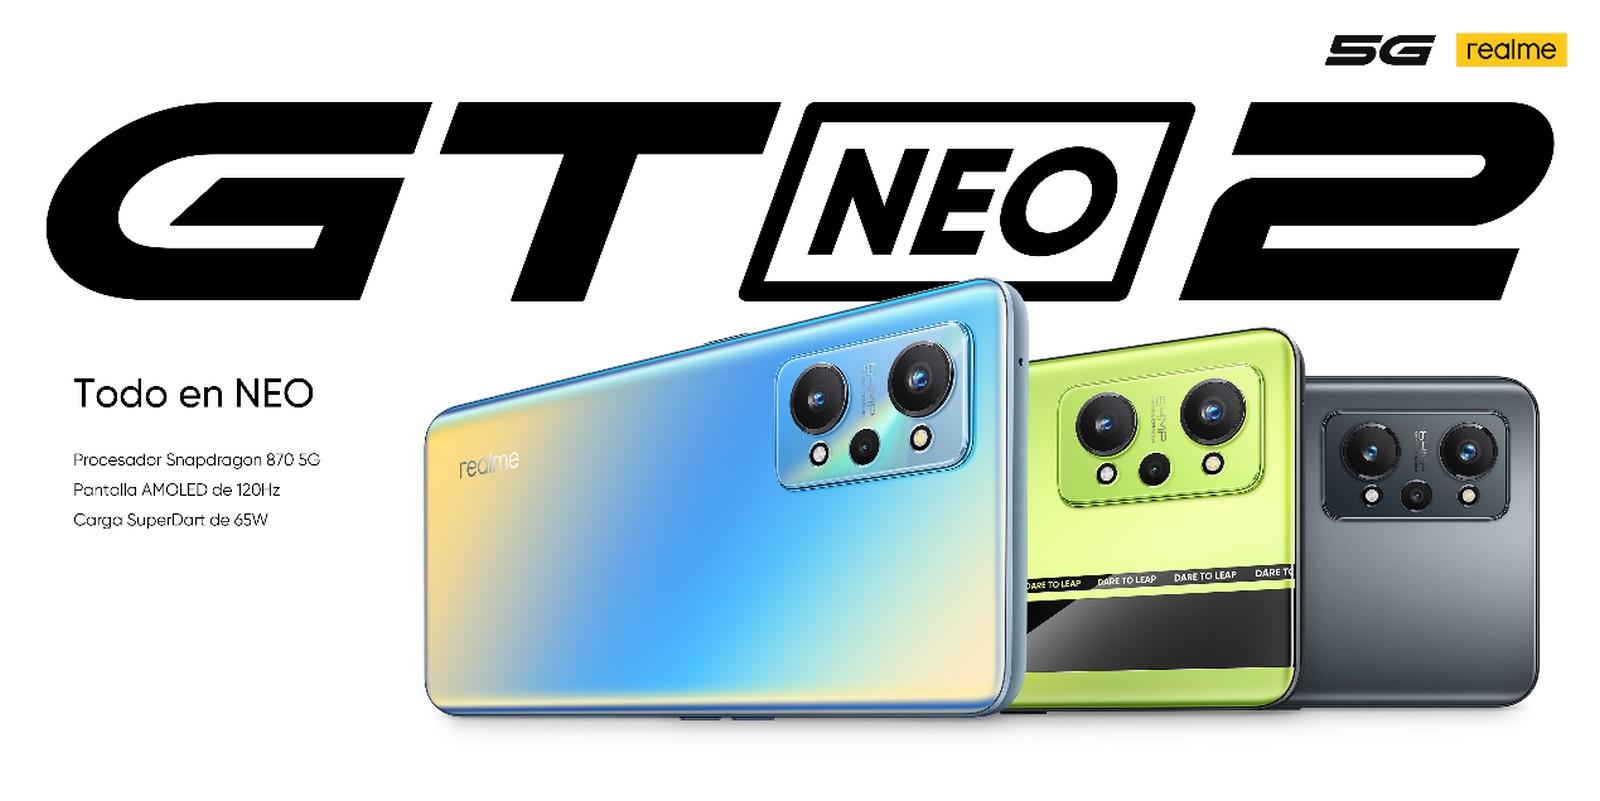 Foto de realme presentó en Asia el realme GT Neo2